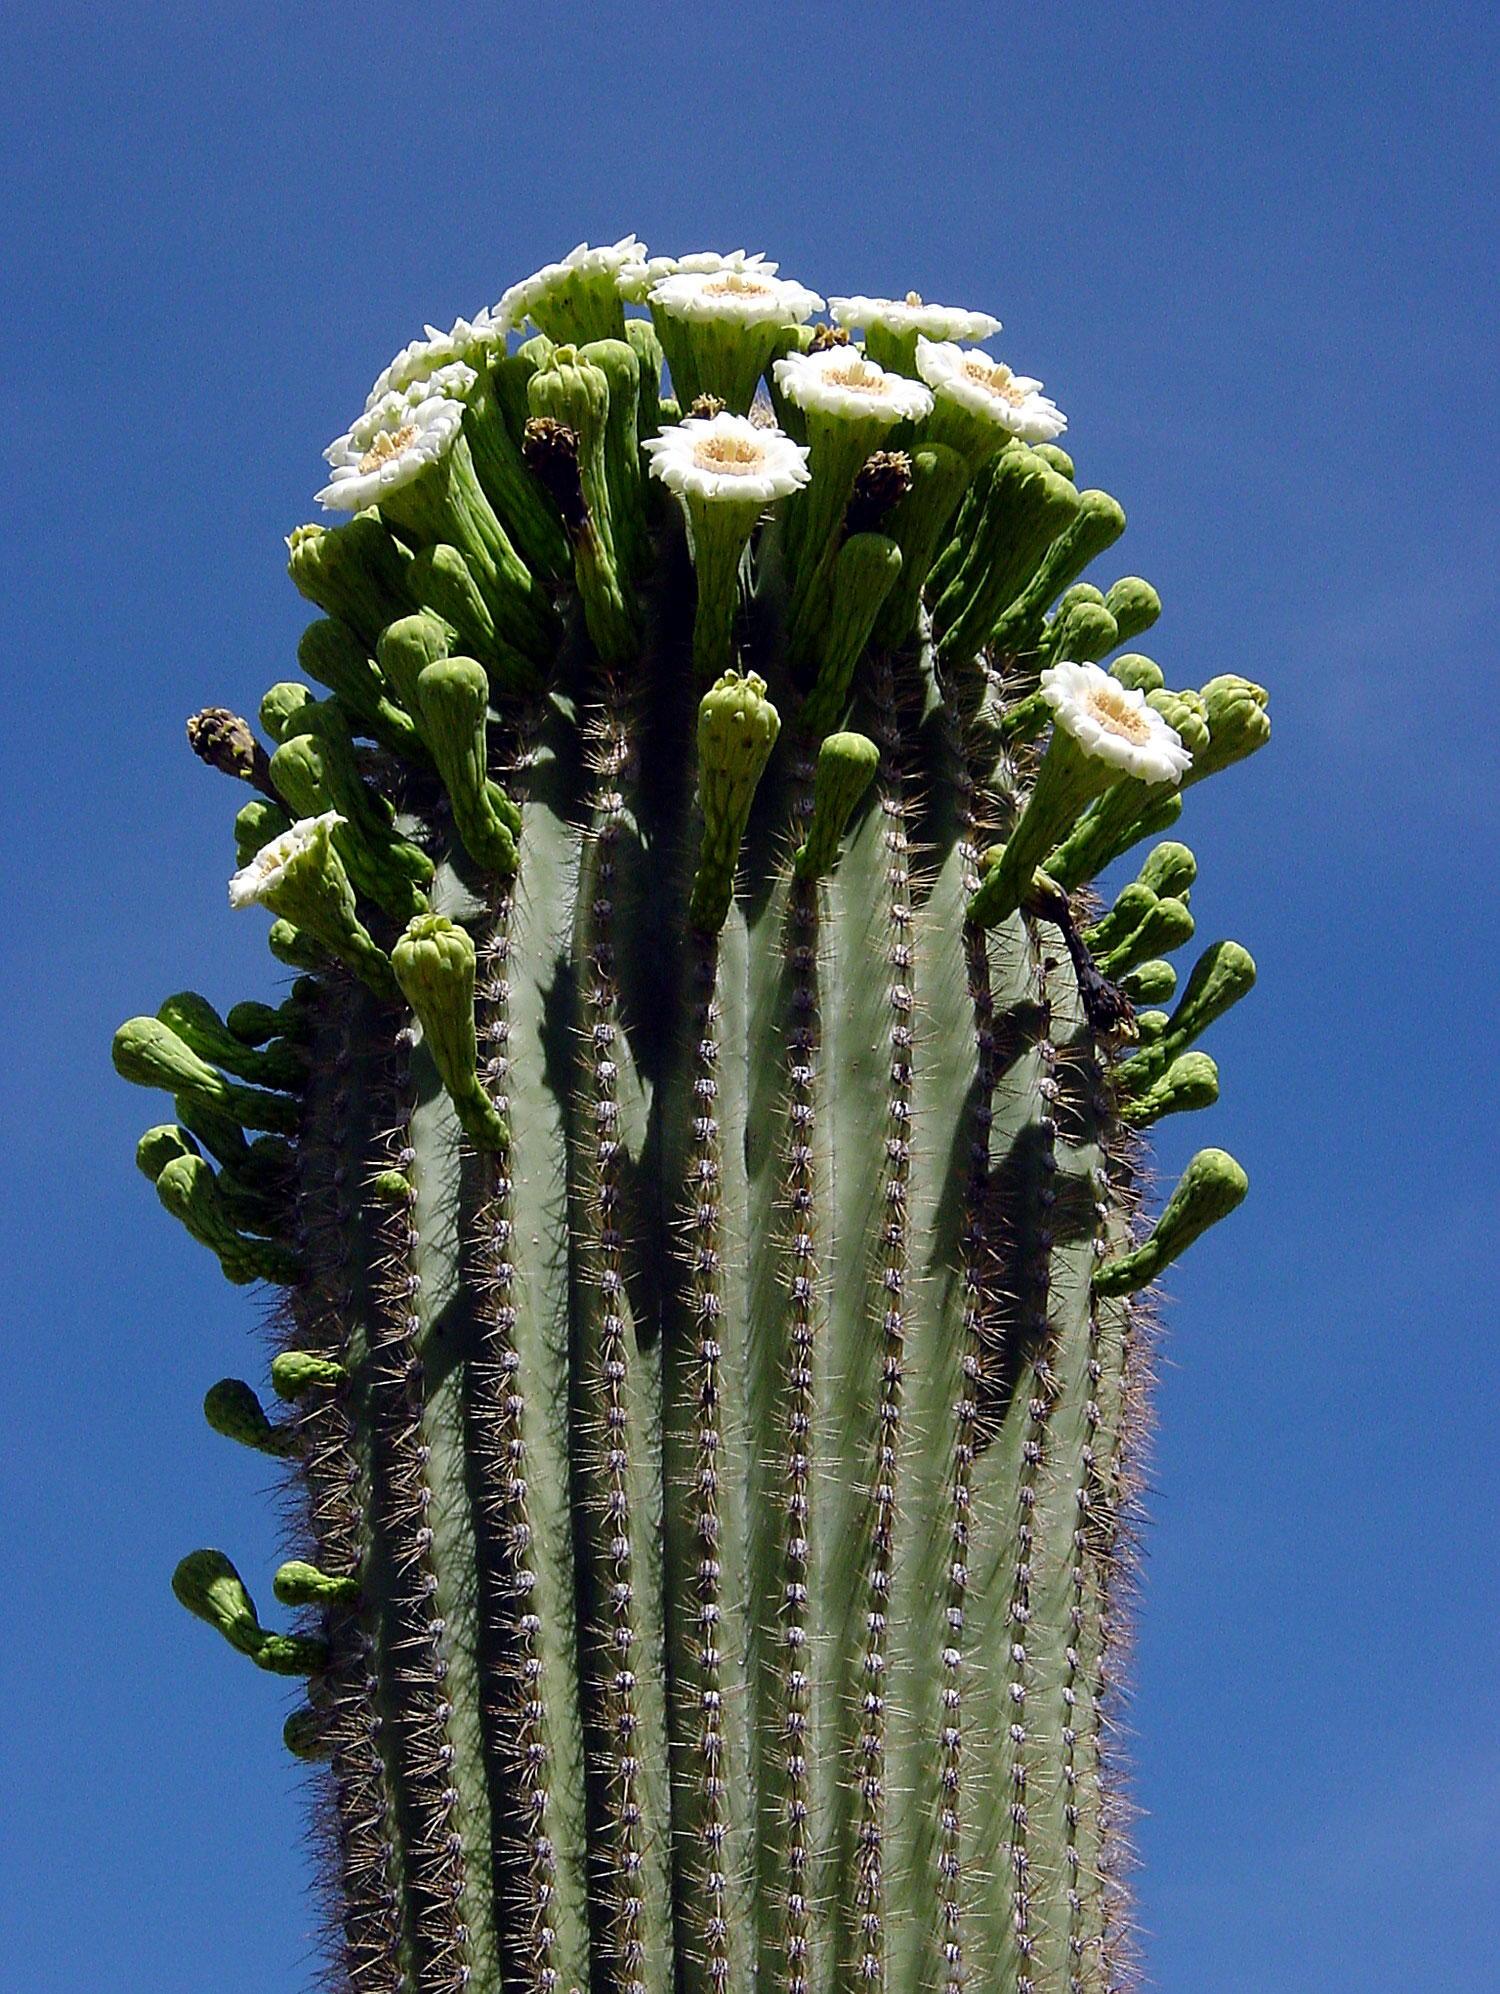 Las 10 plantas mas asombrosas del mundo